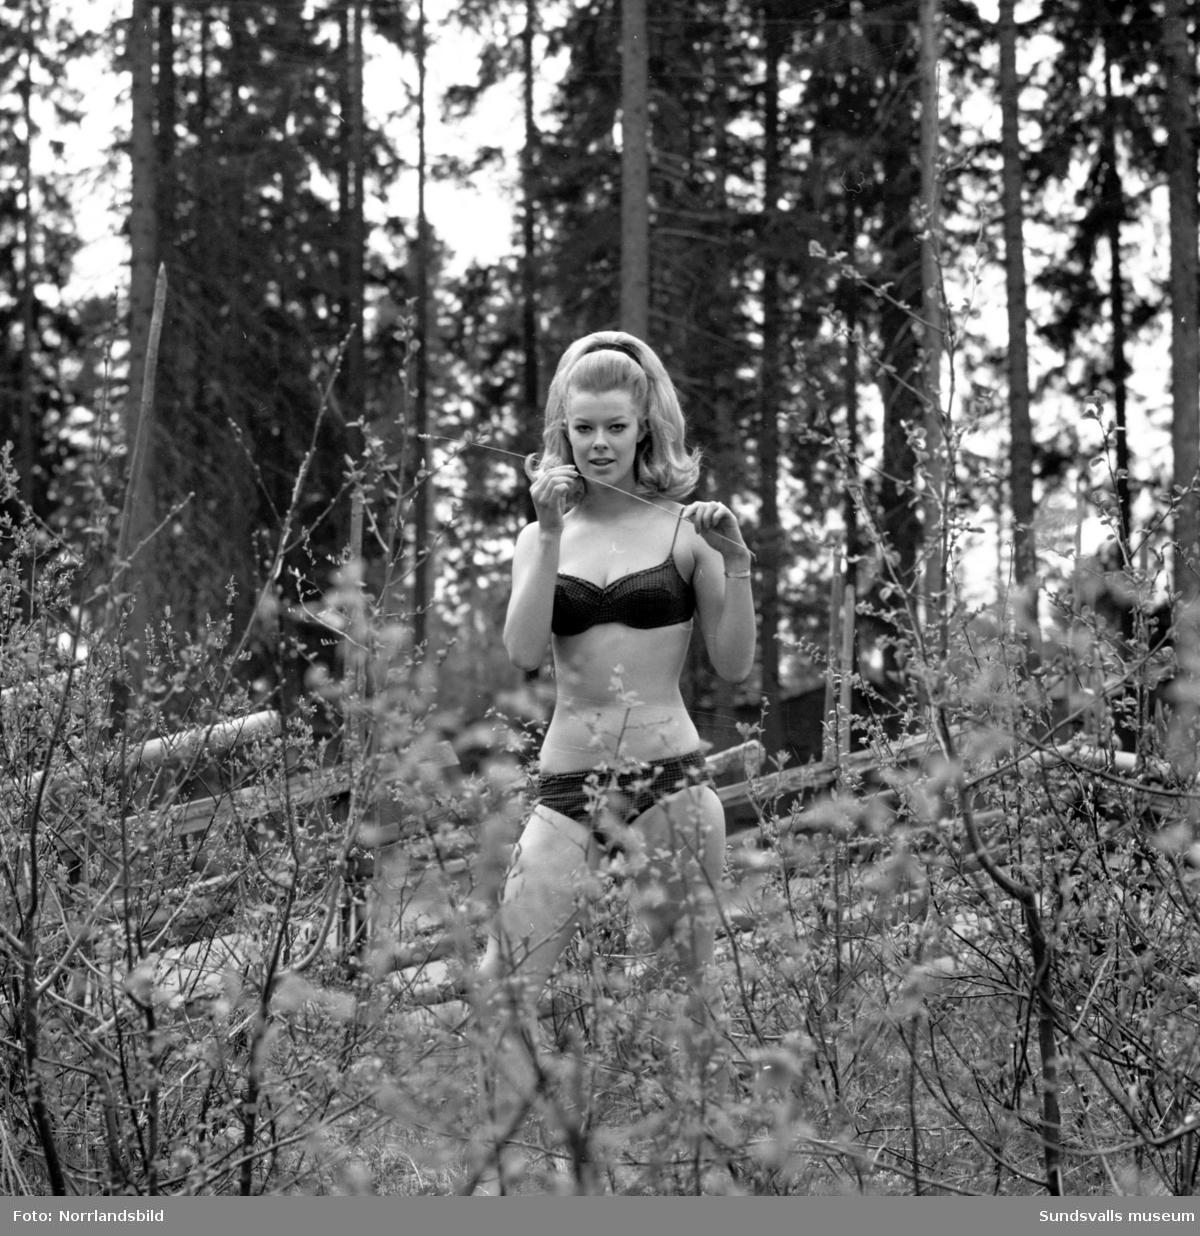 Sommarens mode för damer fotograferat för ett resereportage i Dagbladet. Bilder från Knaust, Timrå simhall och Norra stadsberget.